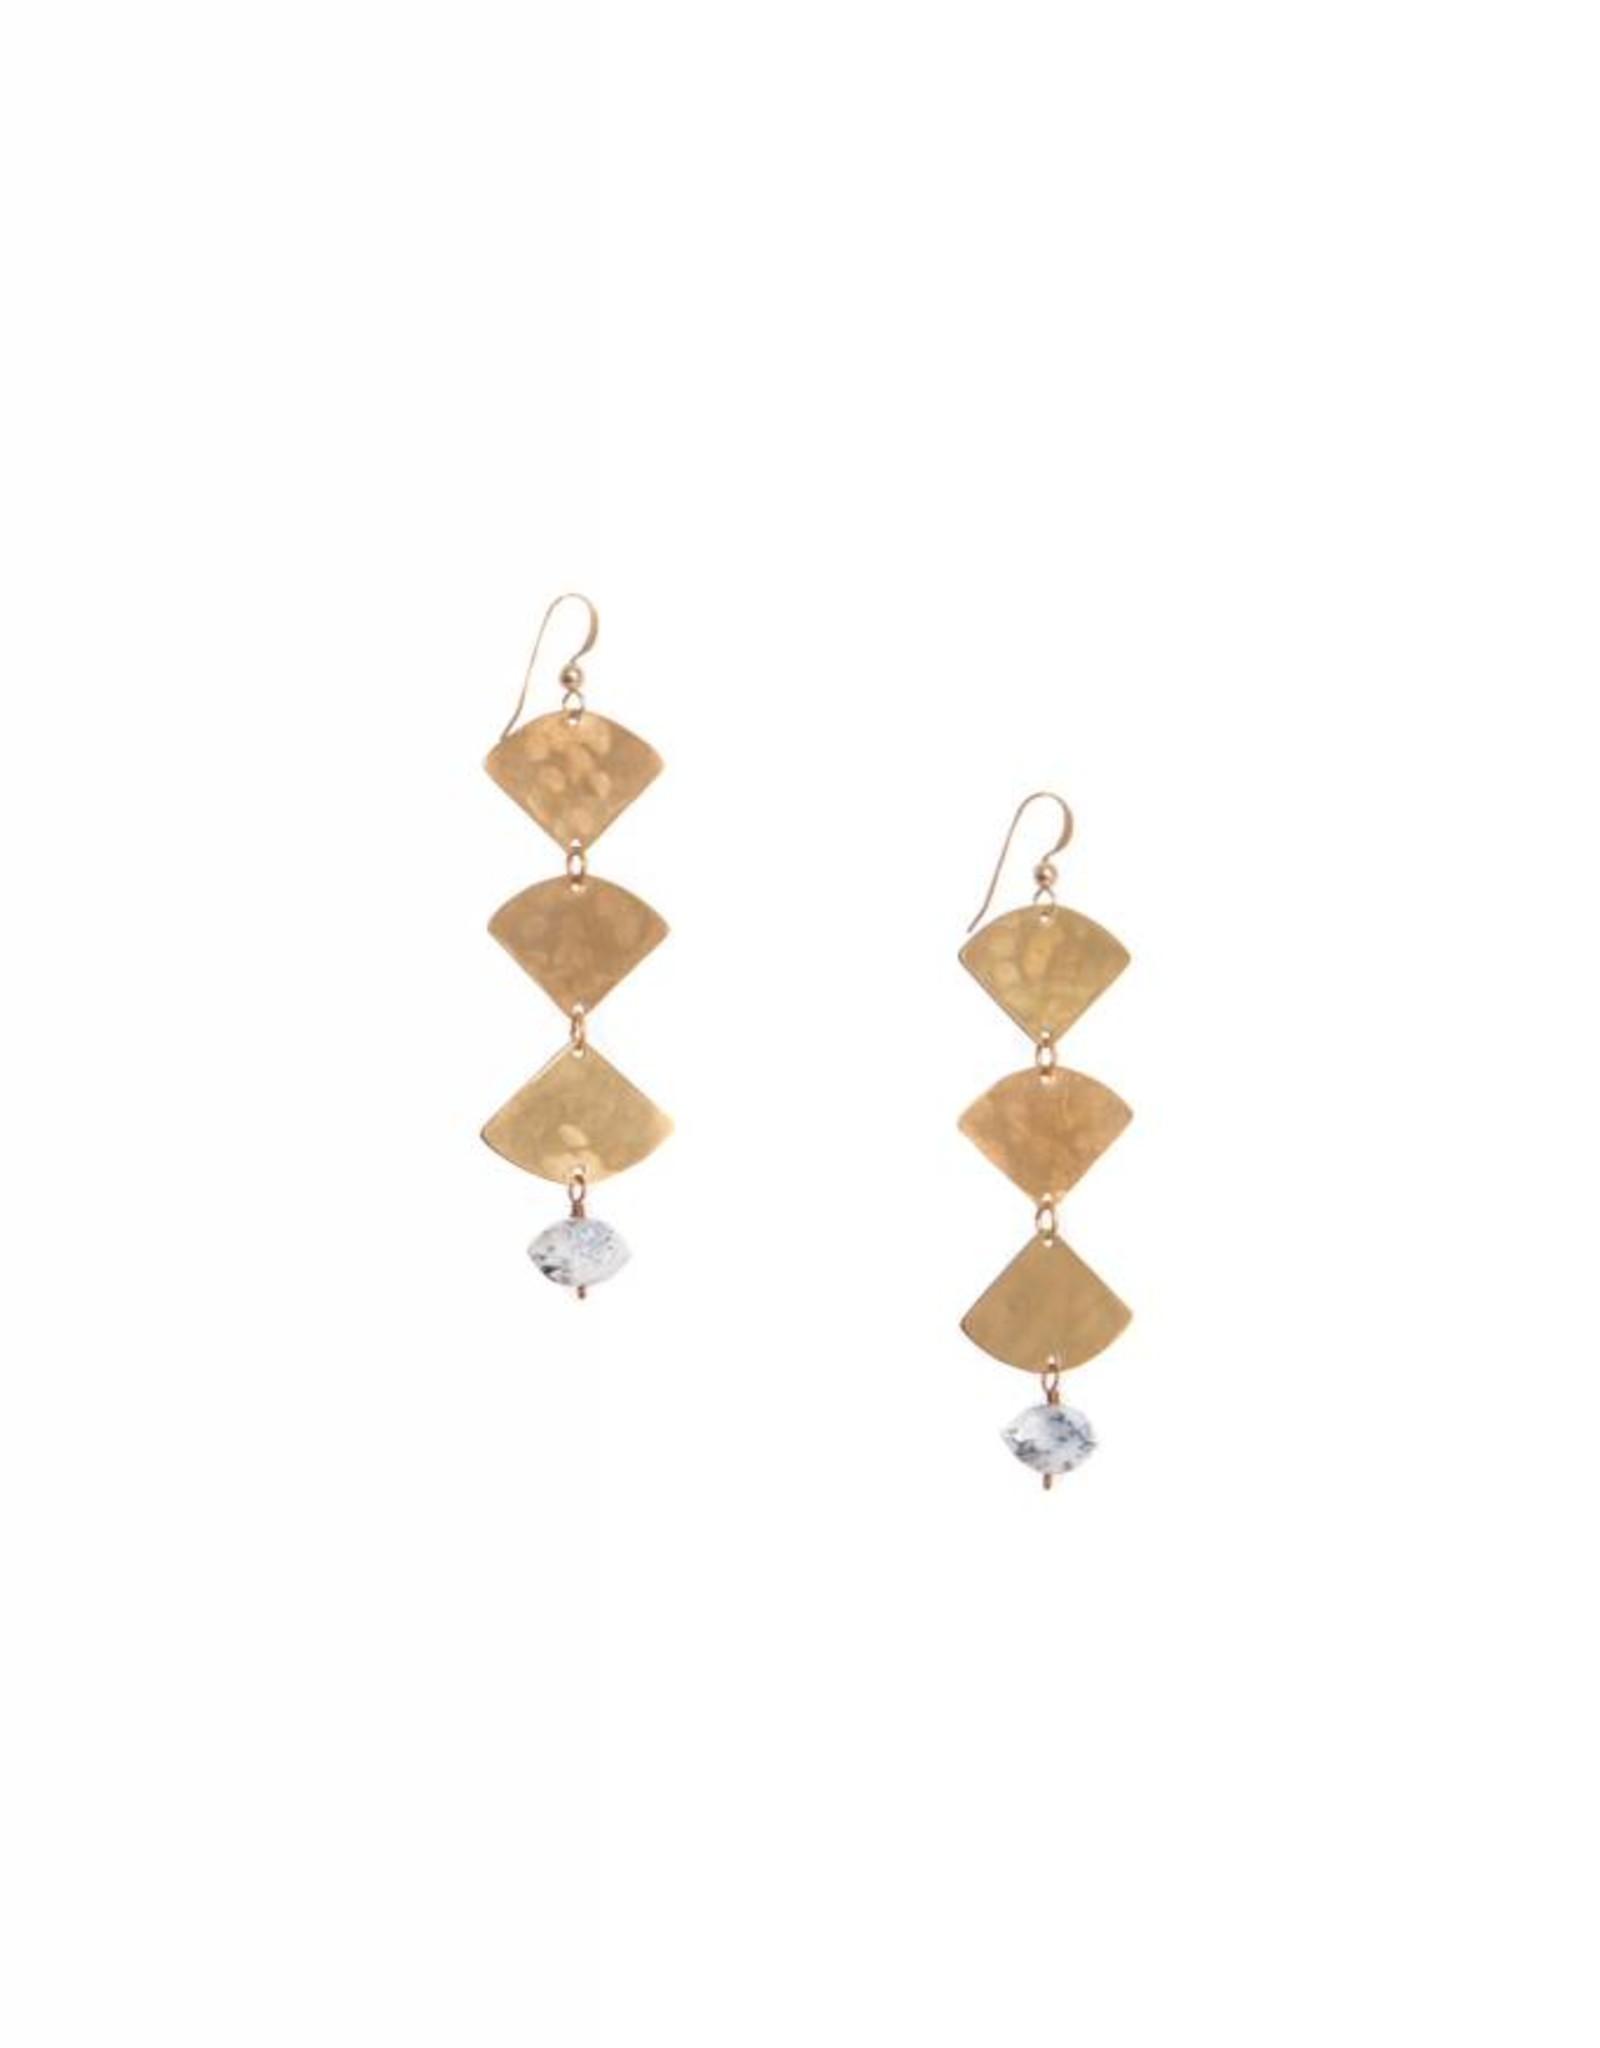 Hailey Gerrits Designs Mella Earrings - Dendrite Opal